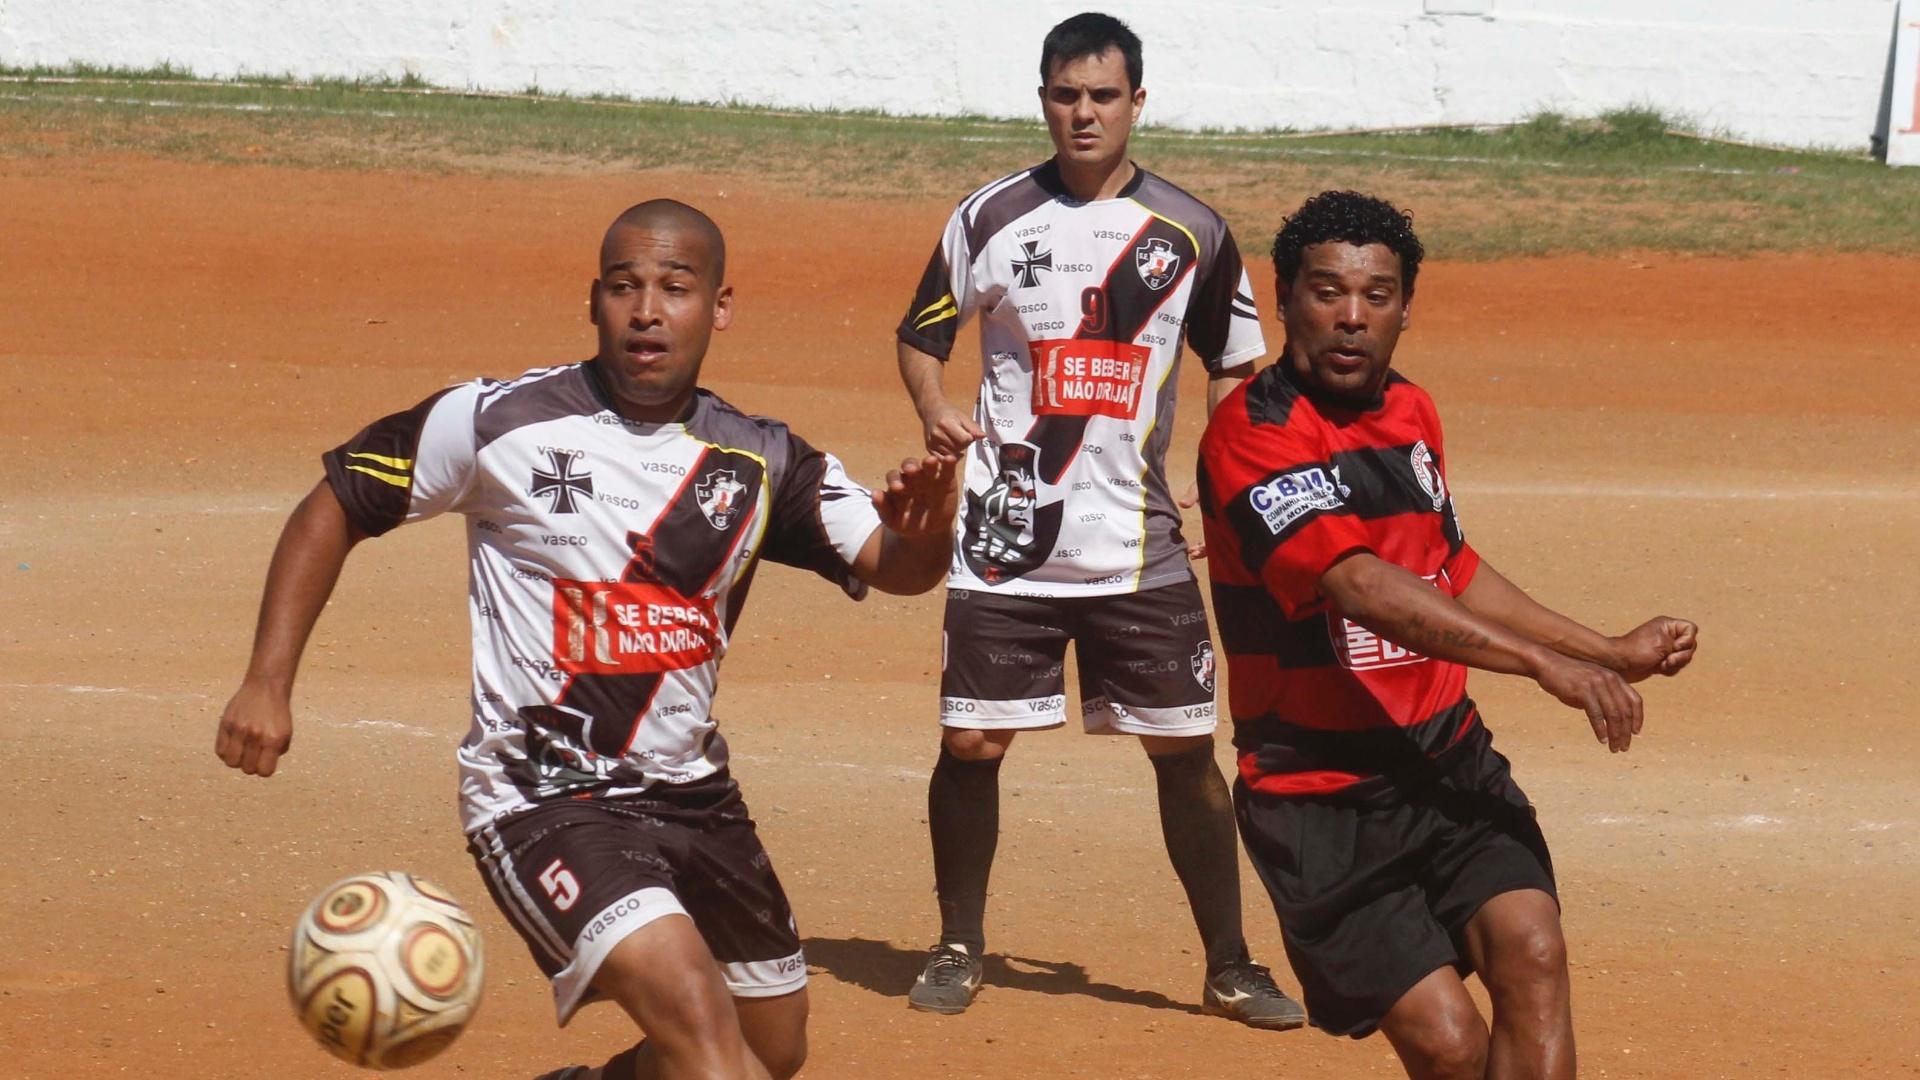 Grande clássico entre Vasco e Flamengo da várzea mereceu destaque